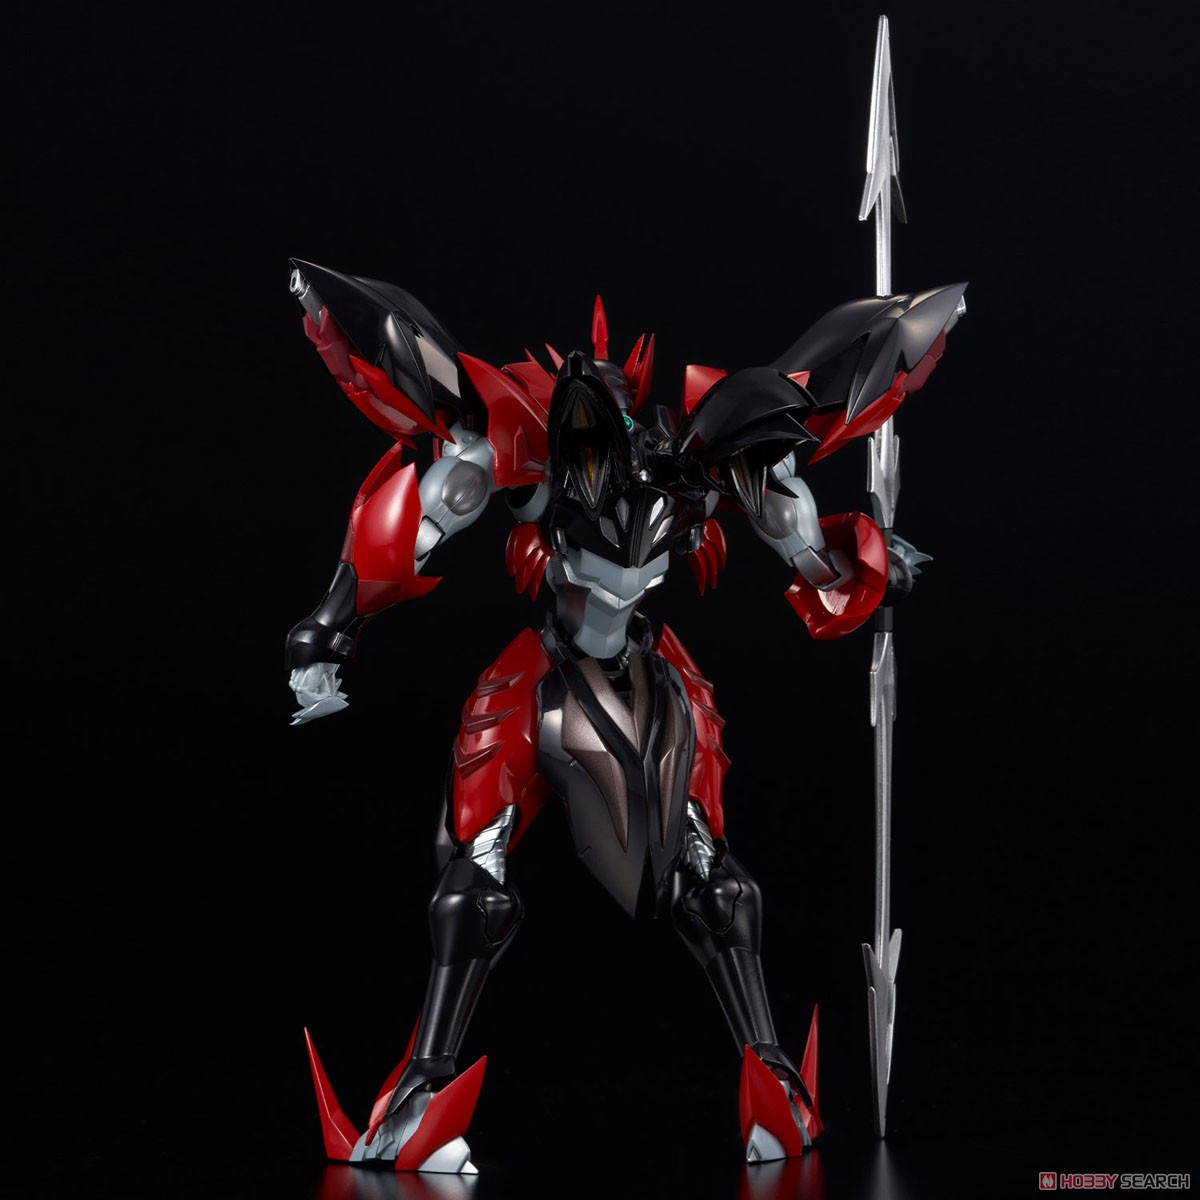 RIOBOT『テッカマンエビル』宇宙の騎士テッカマンブレード 可動フィギュア-002